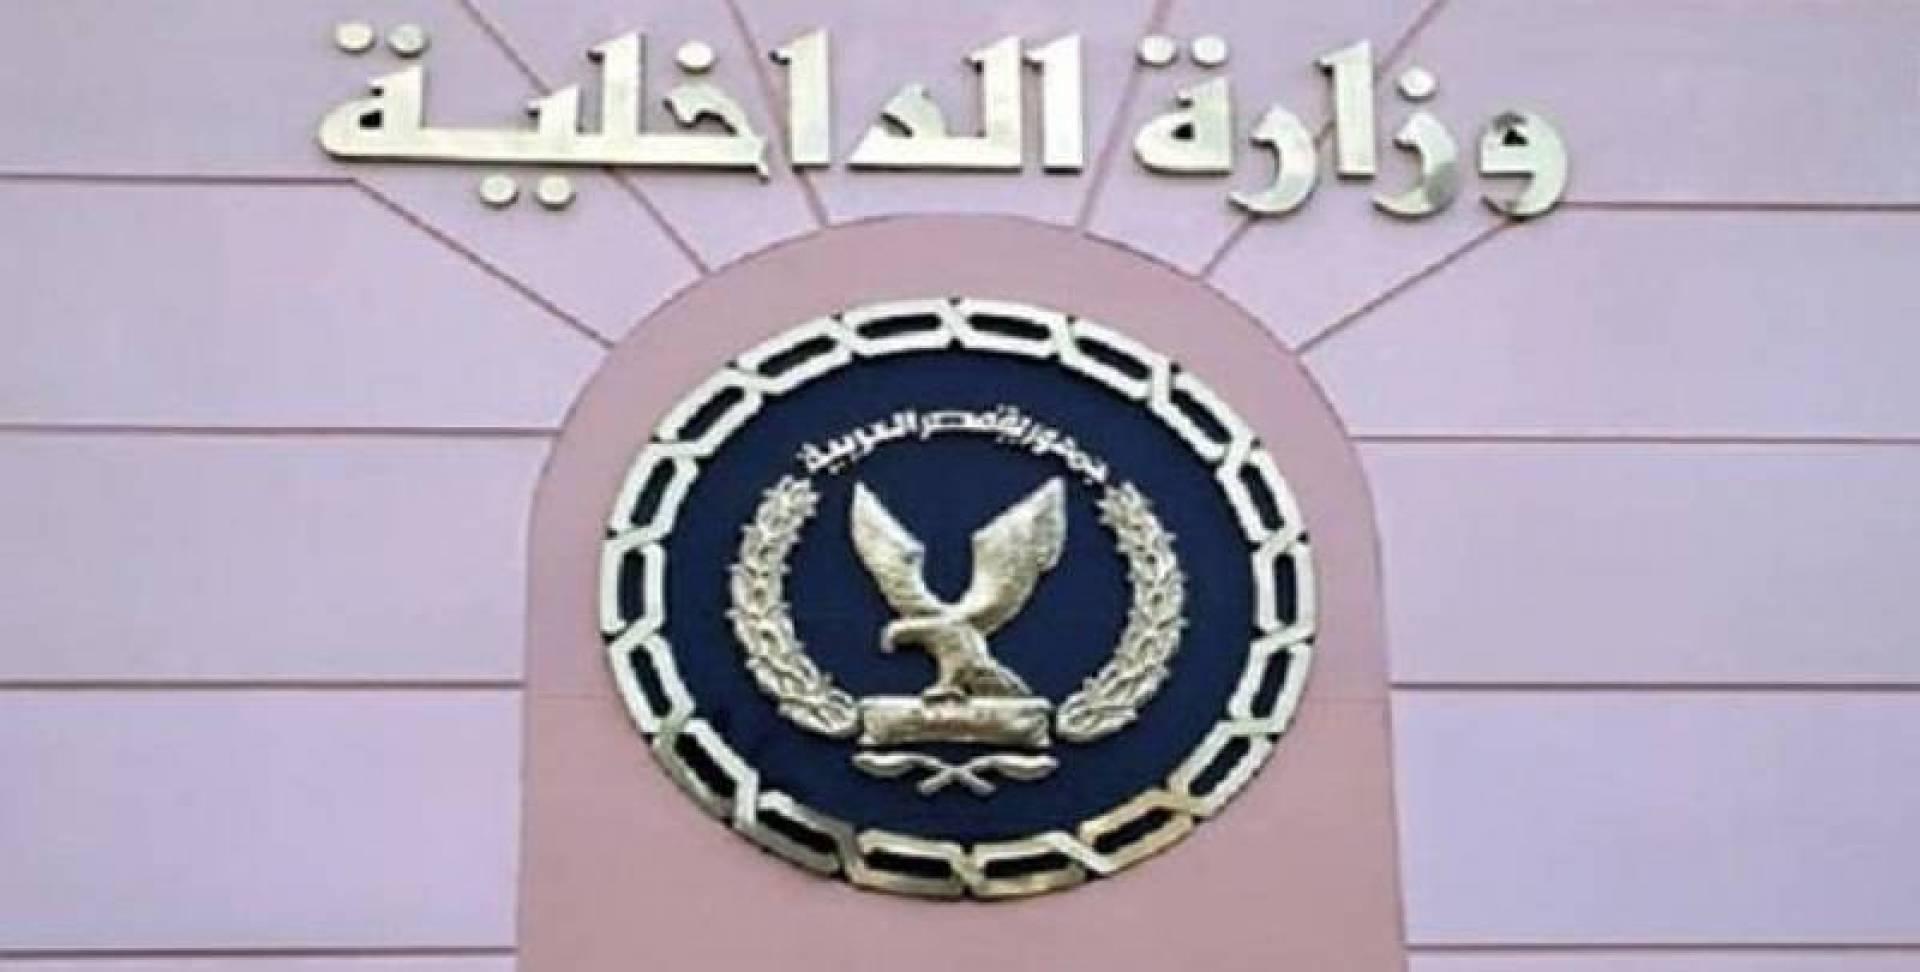 وزارة الداخلية: بدء تجديد رخص تسيير السيارات على مستوى الجمهورية اعتباراً من الأحد الموافق 3 مايو